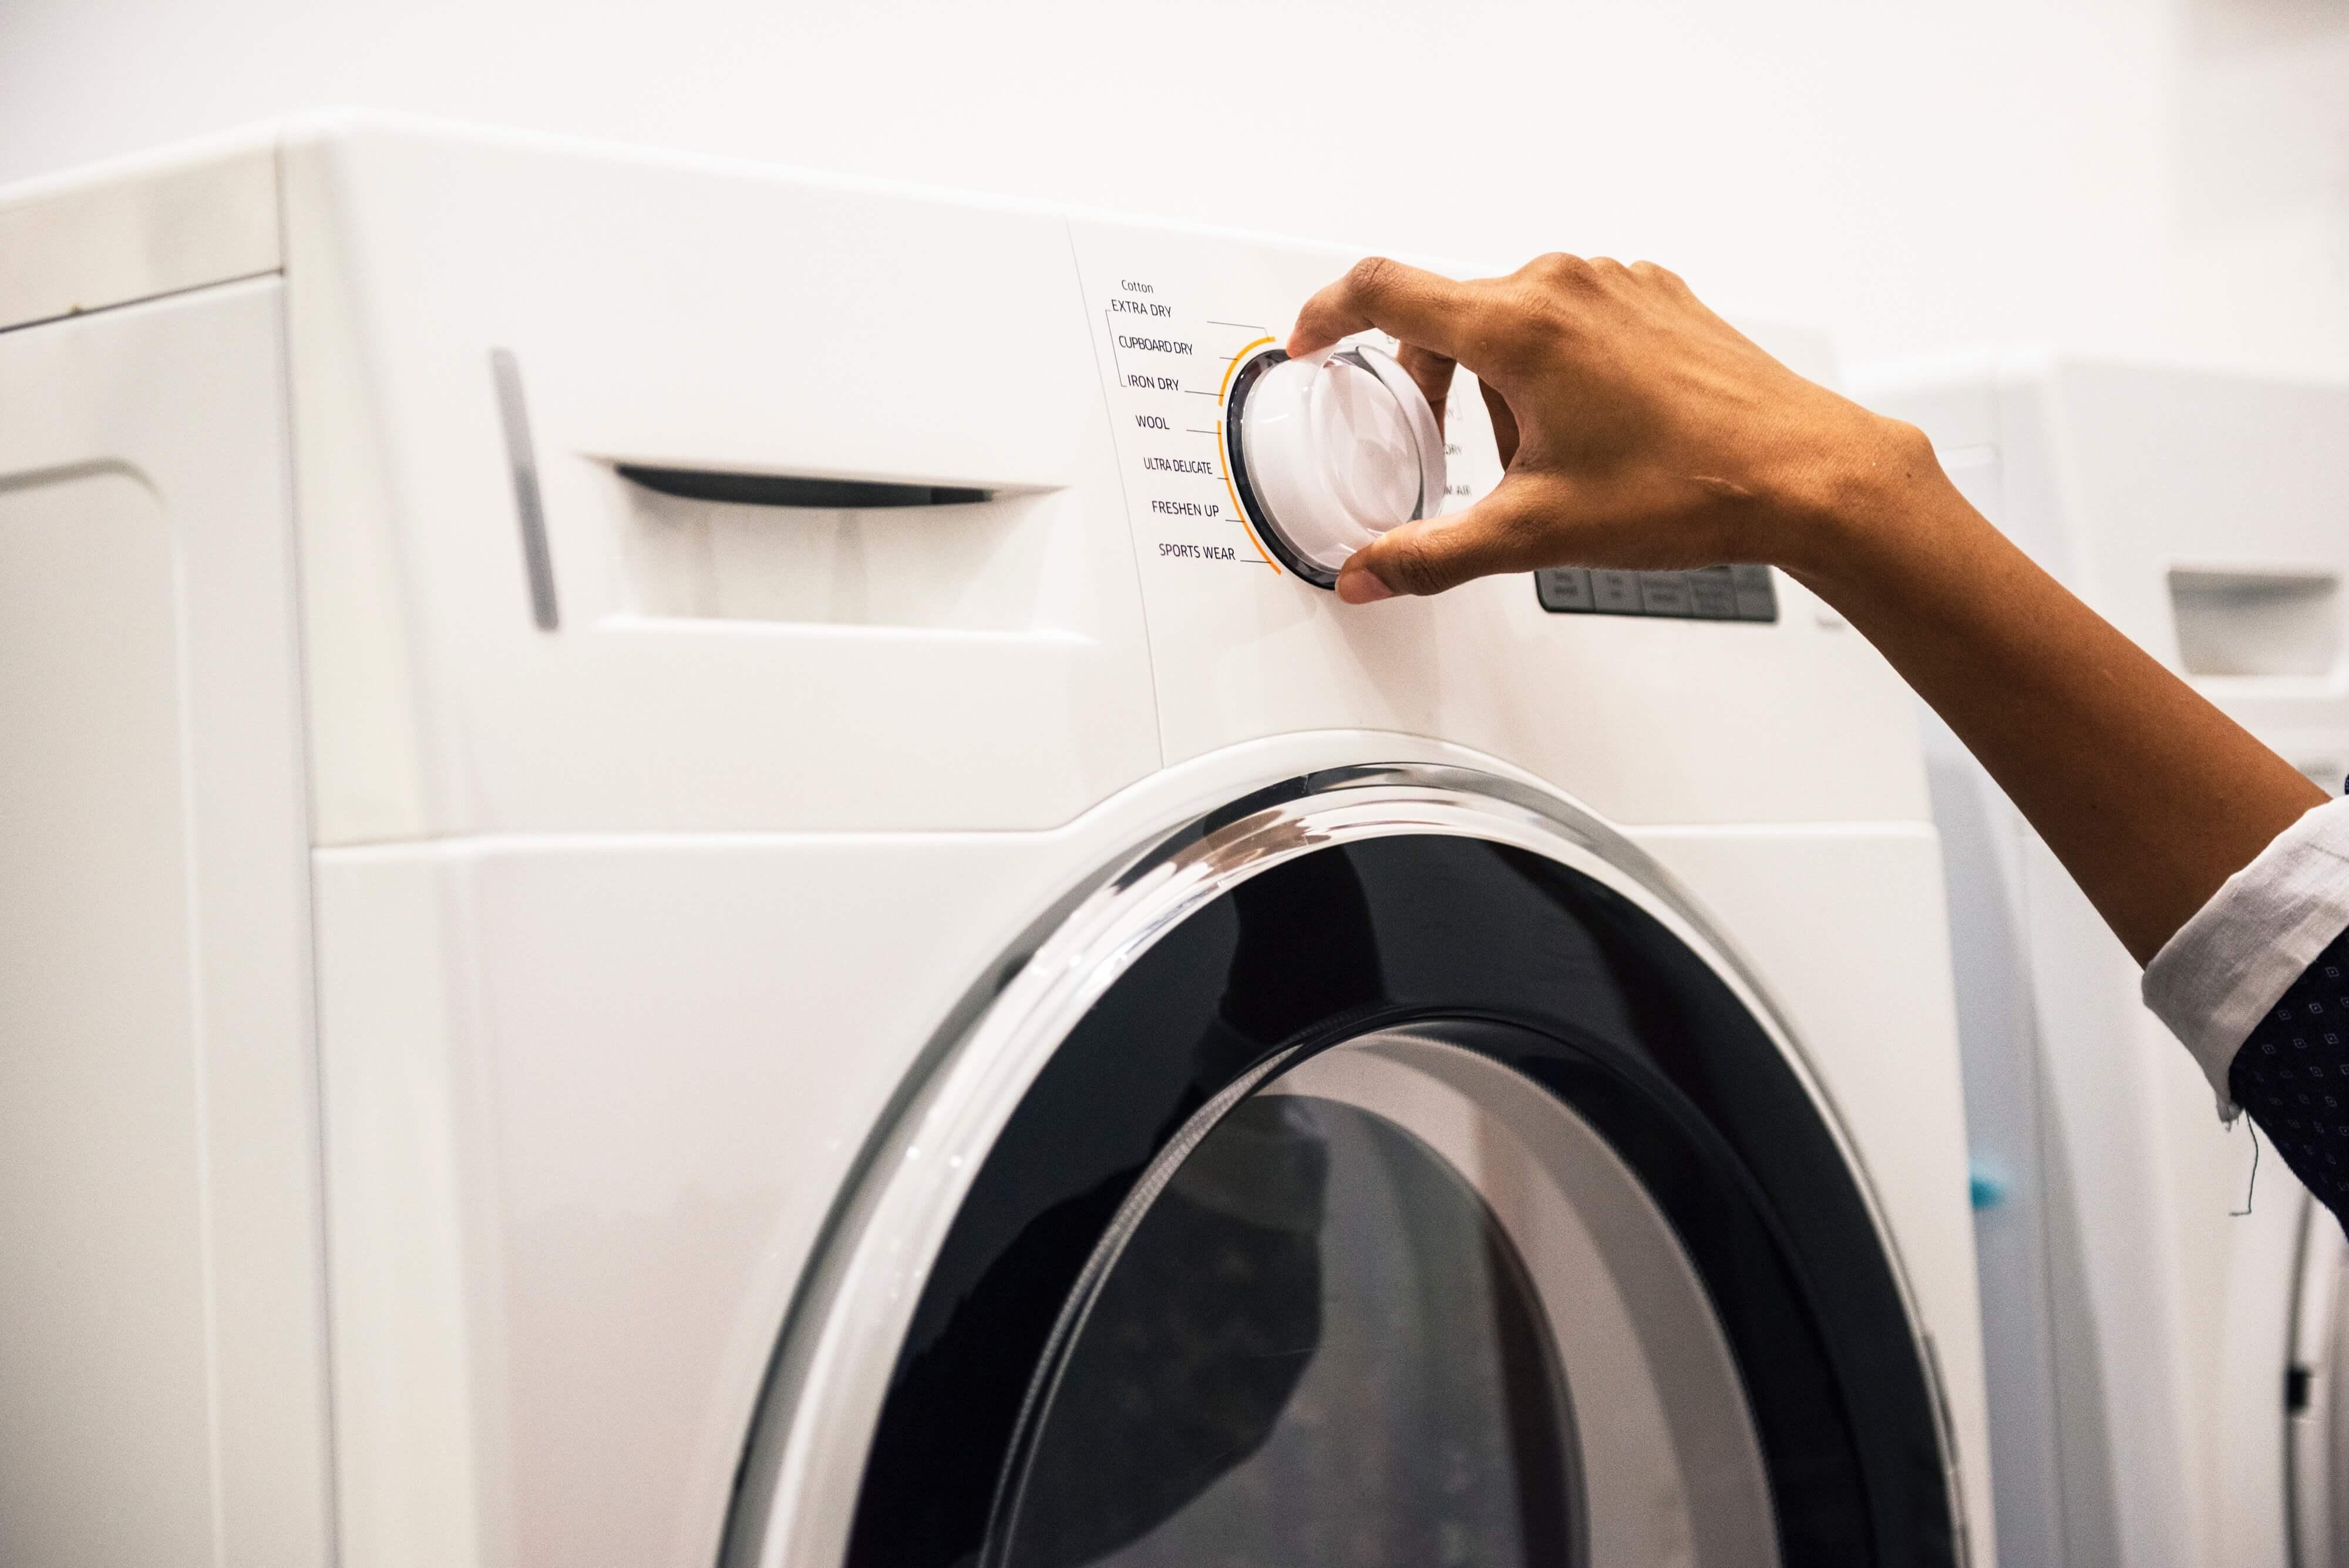 éviter les mauvaises odeurs dans sa machine à laver bras qui règle la machine à laver